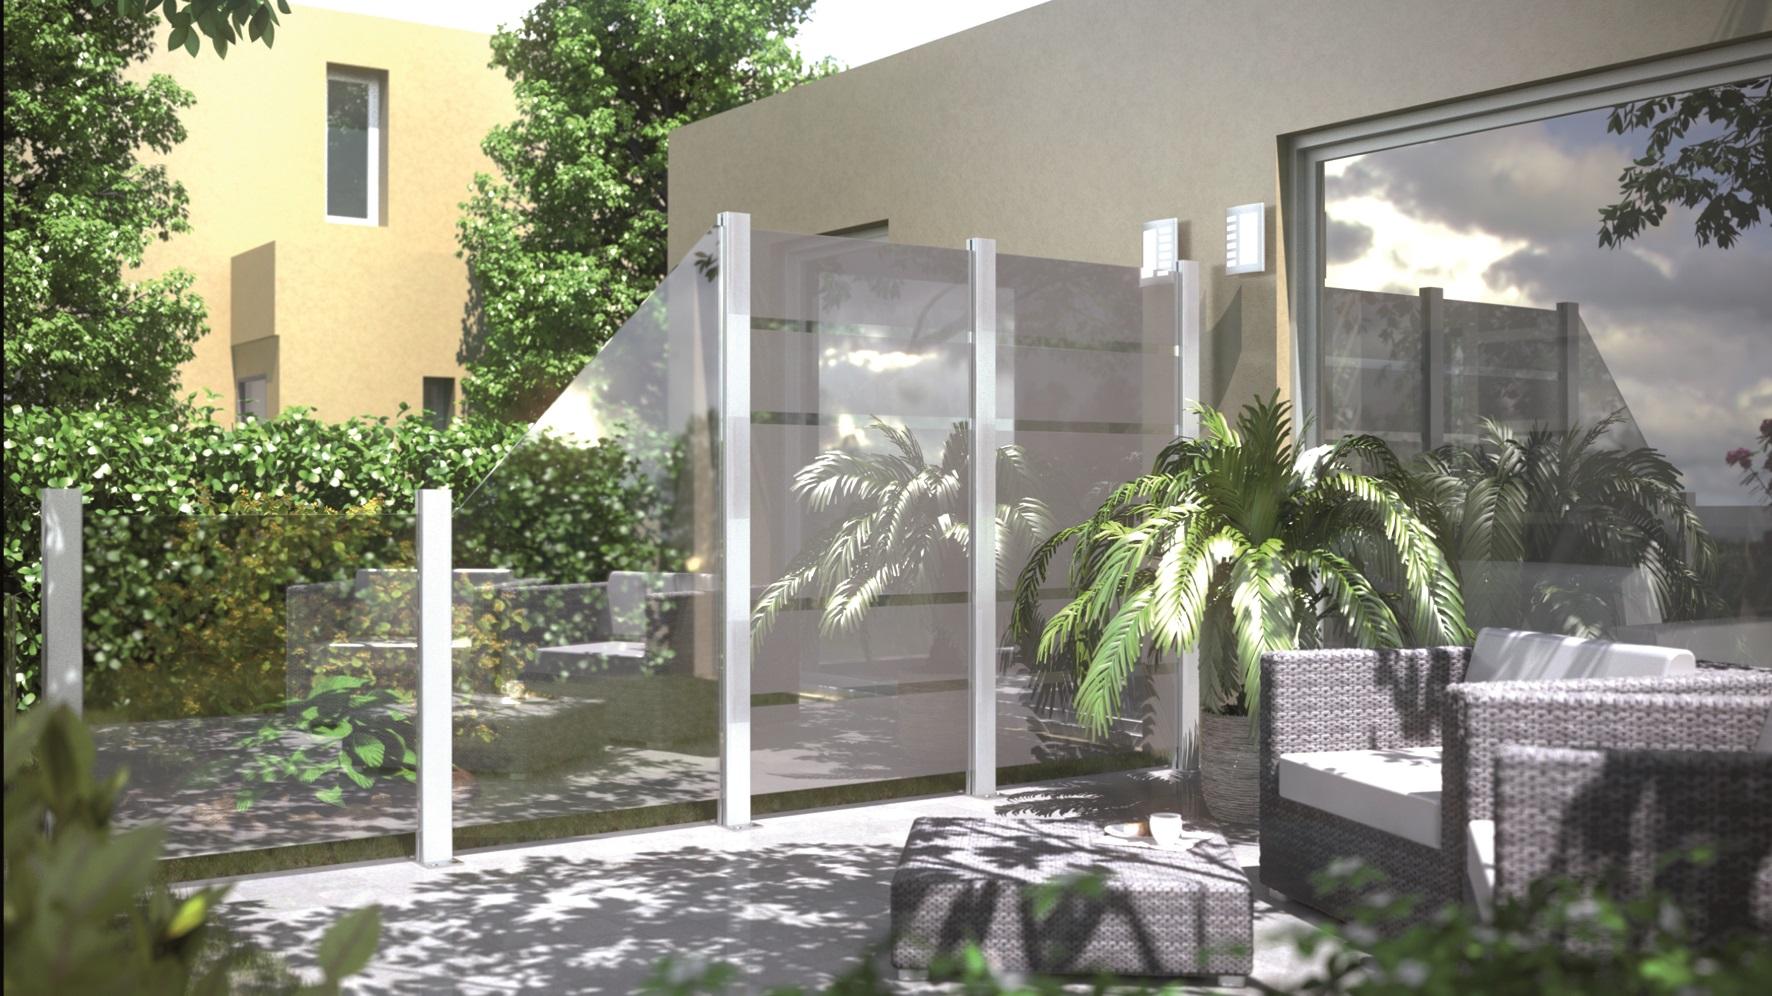 creer un brise vue original exubrante et flamboyante diy panneau bois extrieur motif chevron. Black Bedroom Furniture Sets. Home Design Ideas